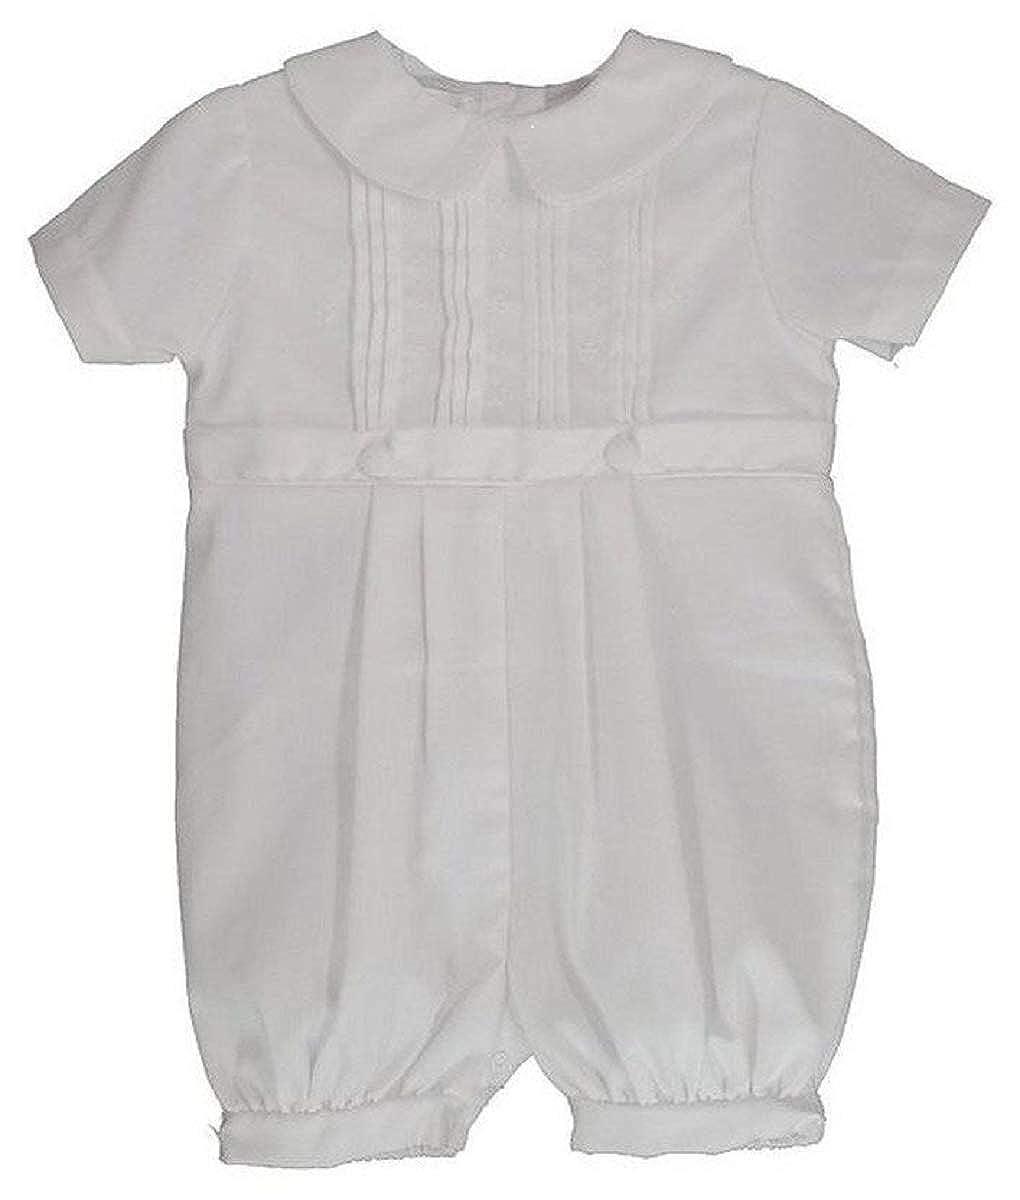 【楽ギフ_のし宛書】 Baby Jett Setters SHIRT Baby ベビーボーイズ B0759X1JYN Months 3 3 - 6 Months, e楽器ネット:42861e03 --- arianechie.dominiotemporario.com